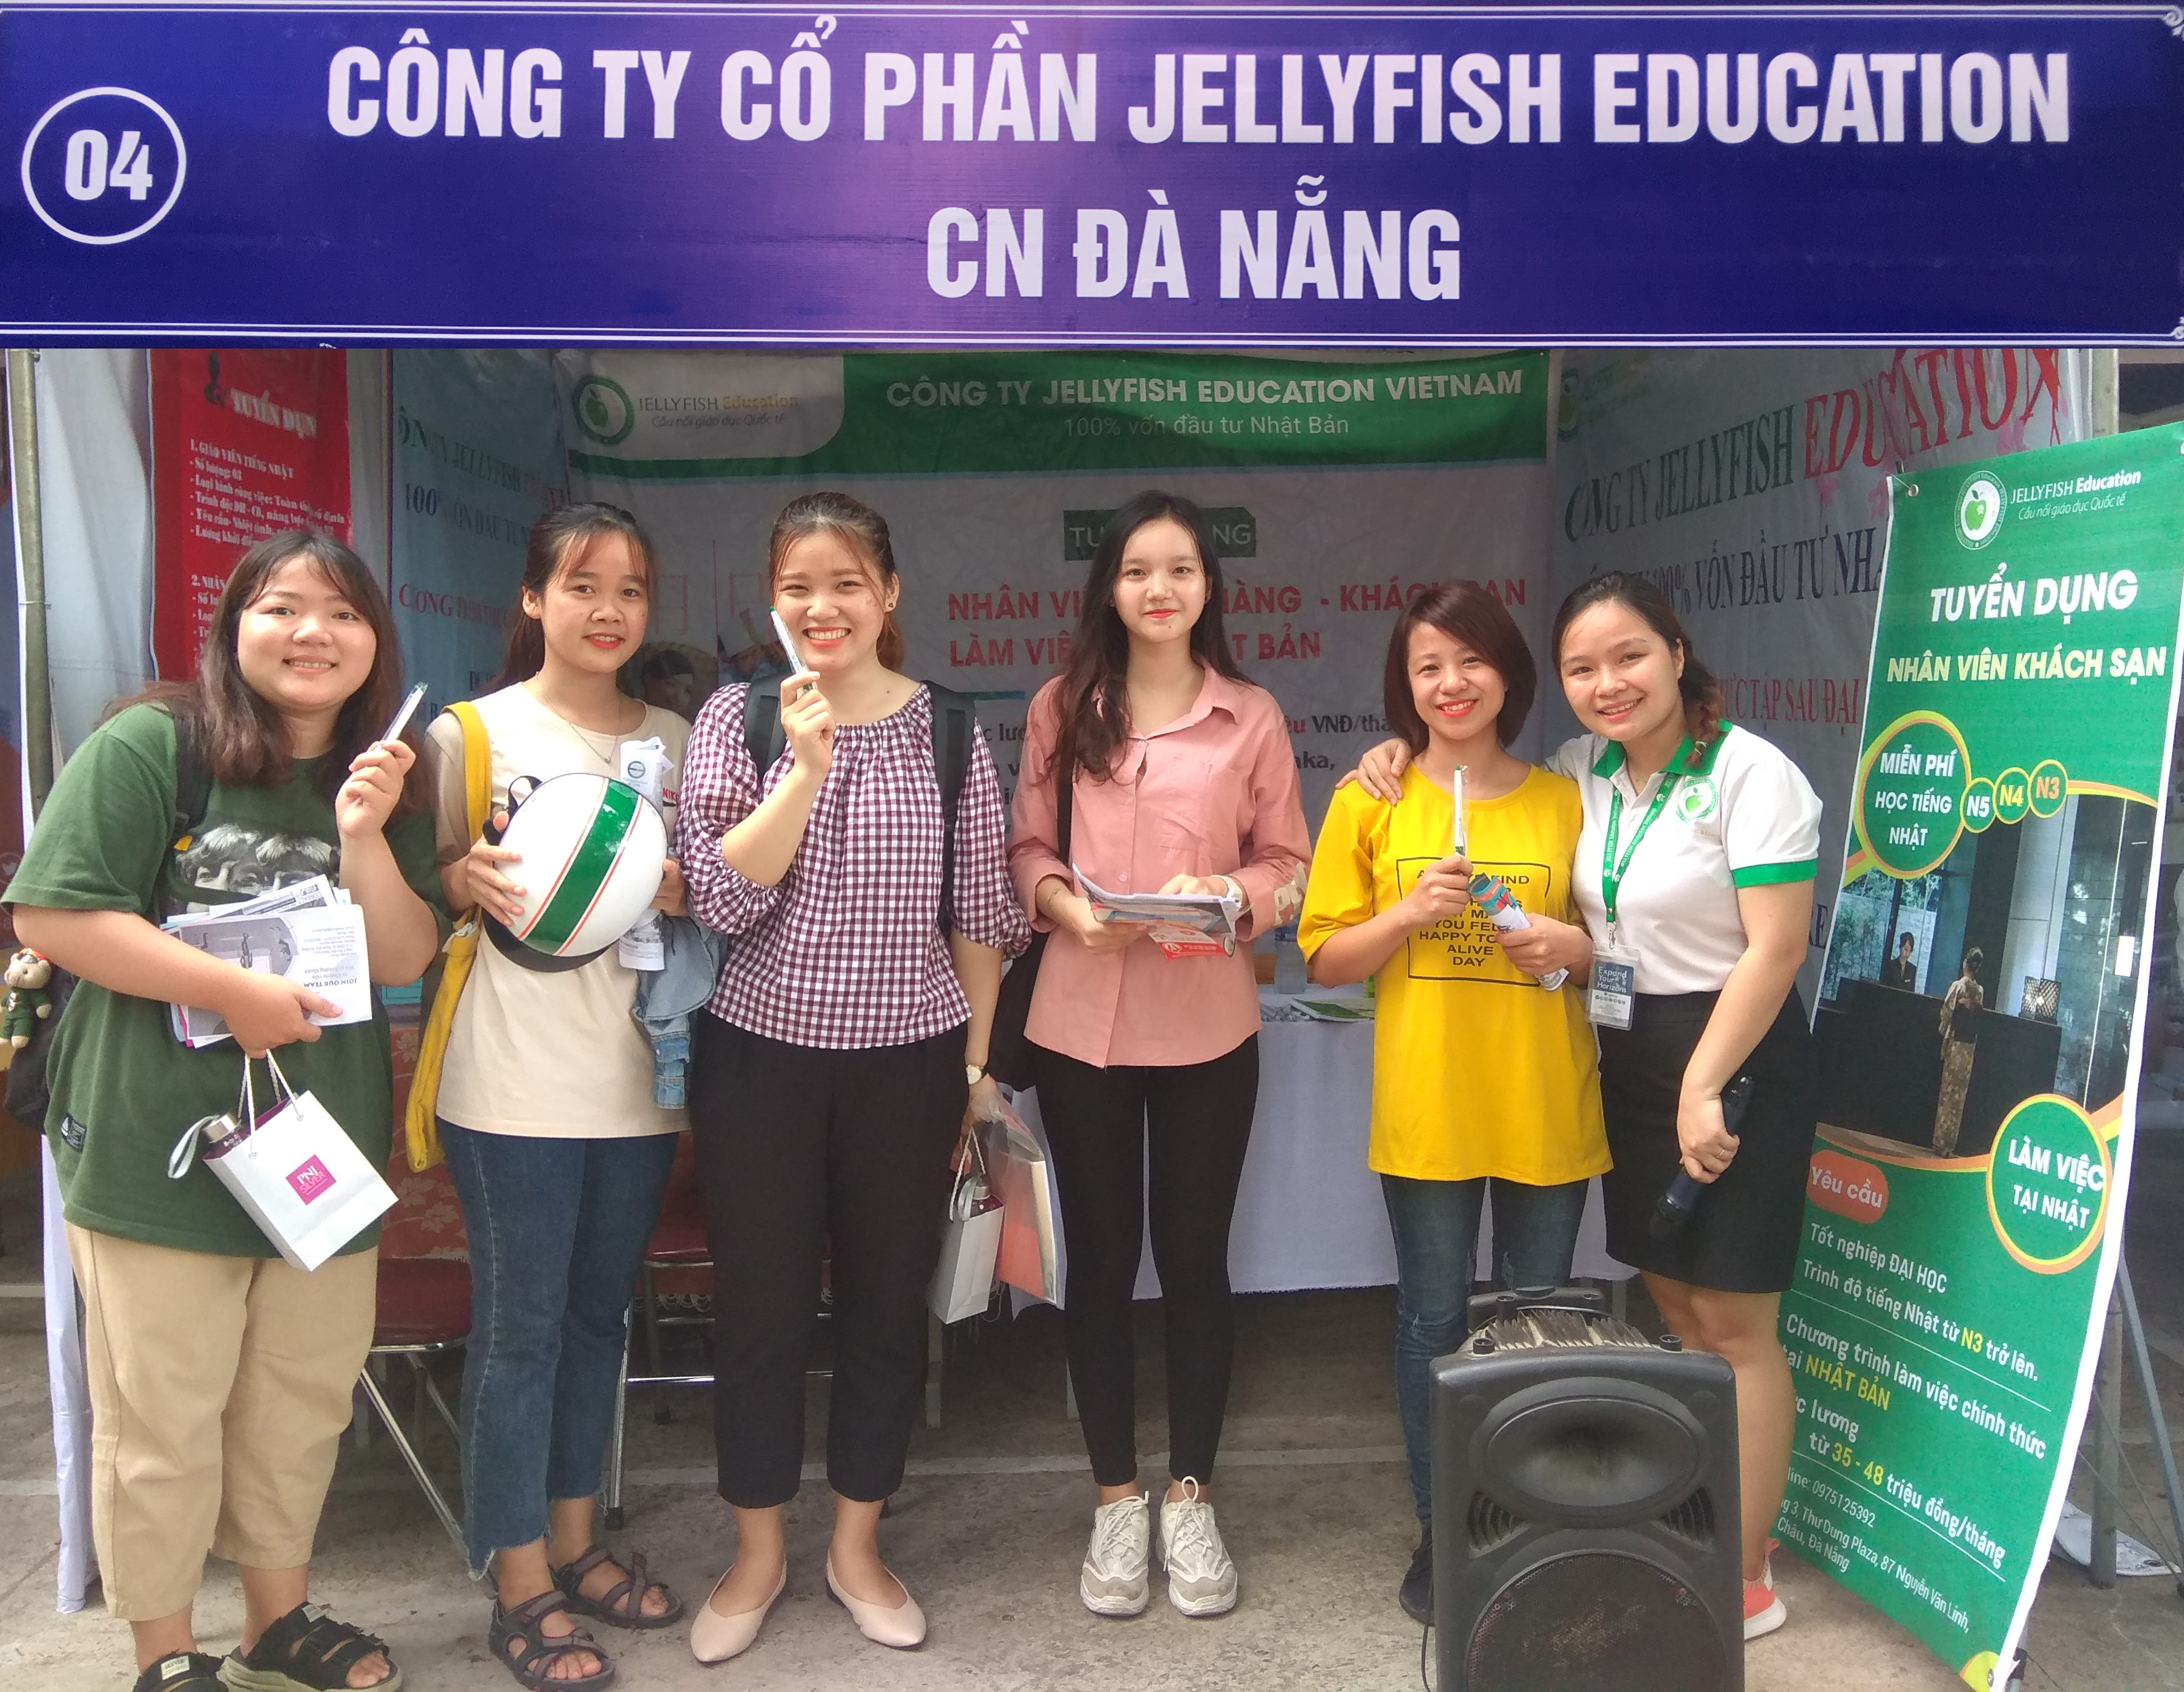 Jellyfish mang đến cho các bạn sinh viên rất nhiều trò chơi cùng những phần quà hấp dẫn như: mũ bảo hiểm, áo mưa, bookmark, voucher, bút bi, sổ tay, móc khóa,… - Ảnh 2